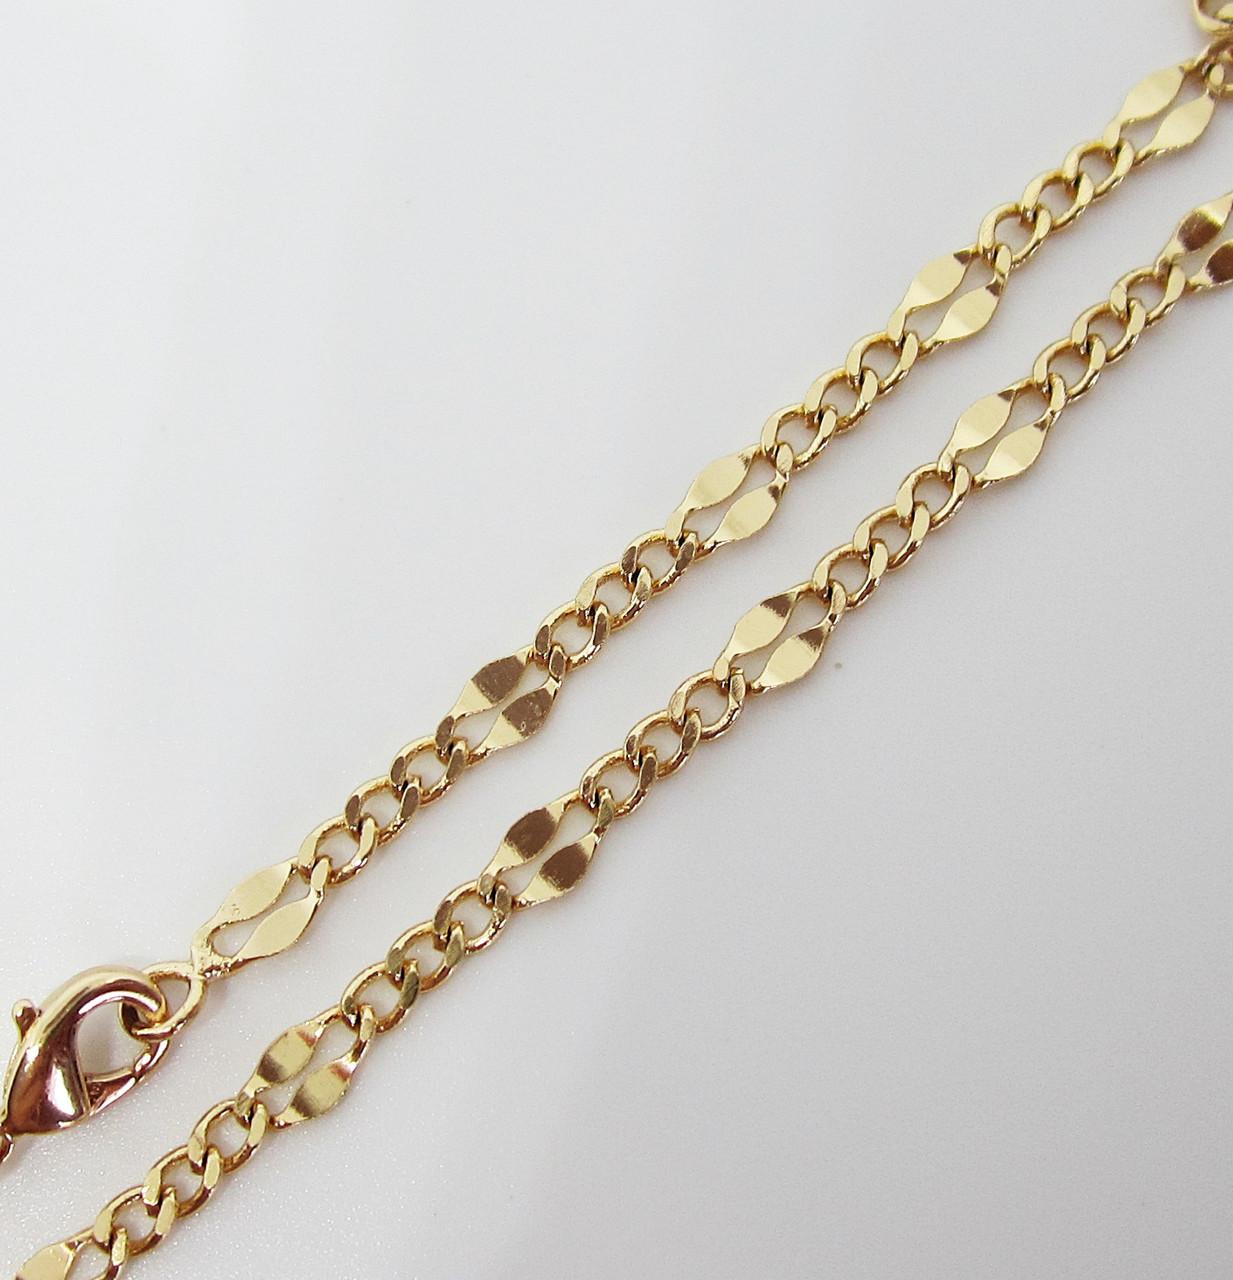 Цепочка плетение Комбинированное 45 см. ширина 3 мм